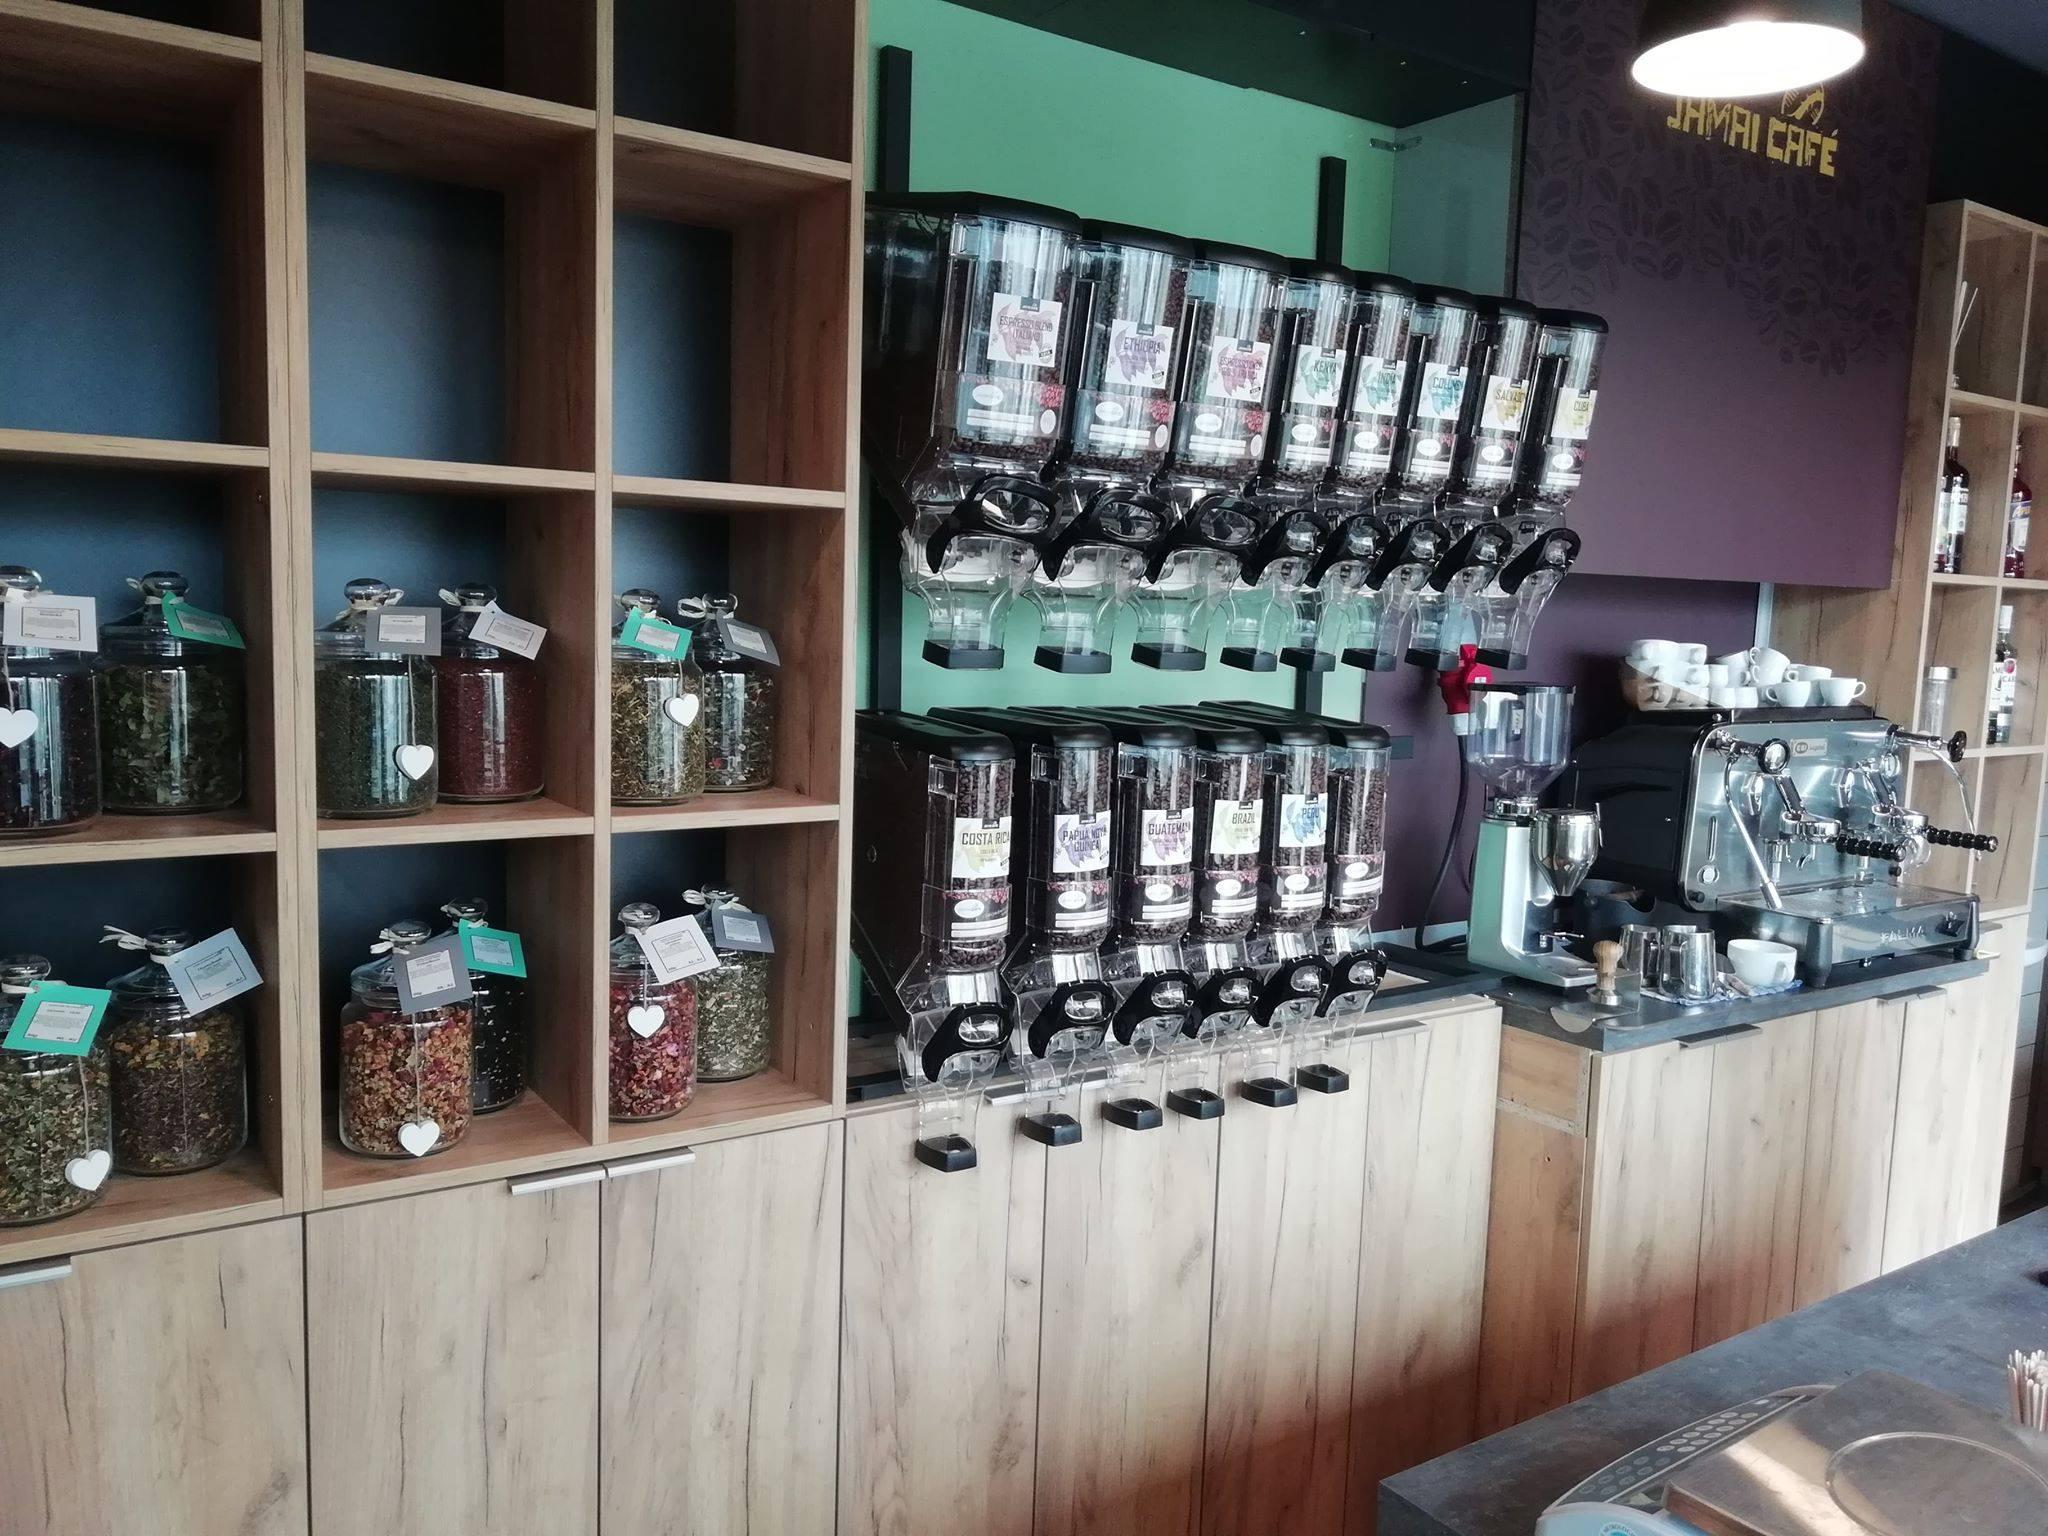 Kavárna, pražírna kávy - čerstvě pražená, kvalitní káva, domácí dezerty